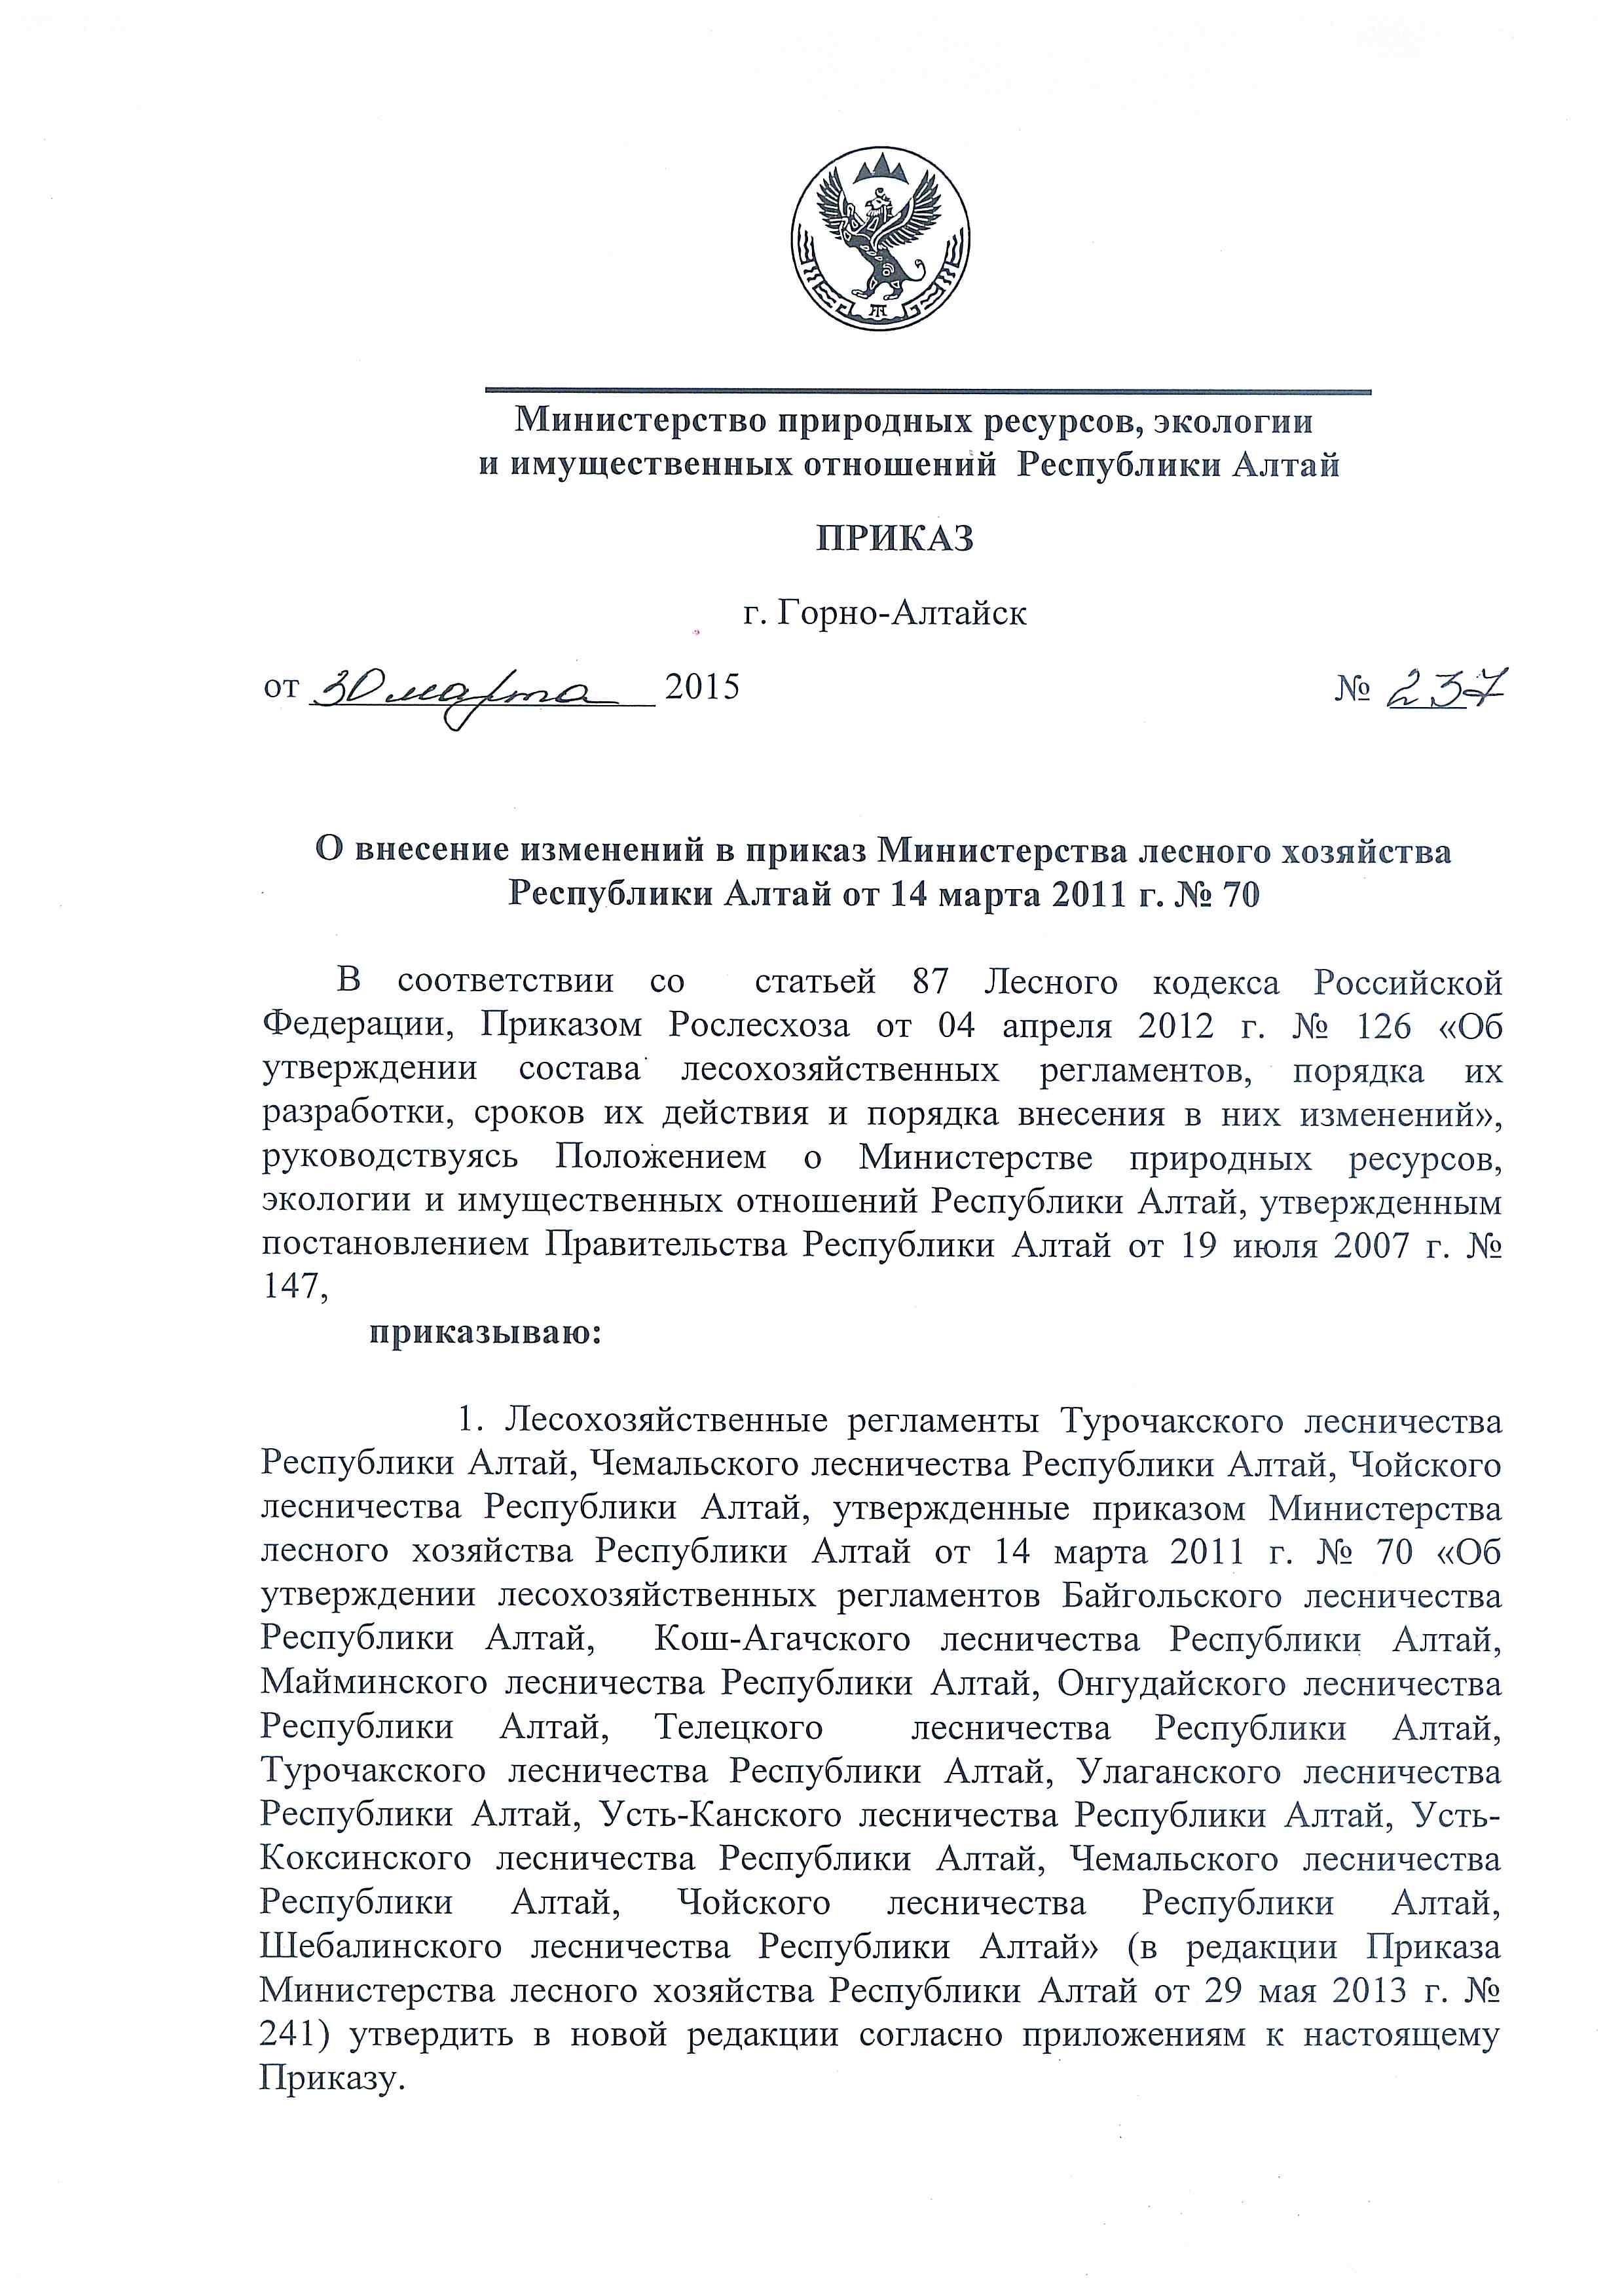 Отчет о практике в министерстве природных ресурсов 3259